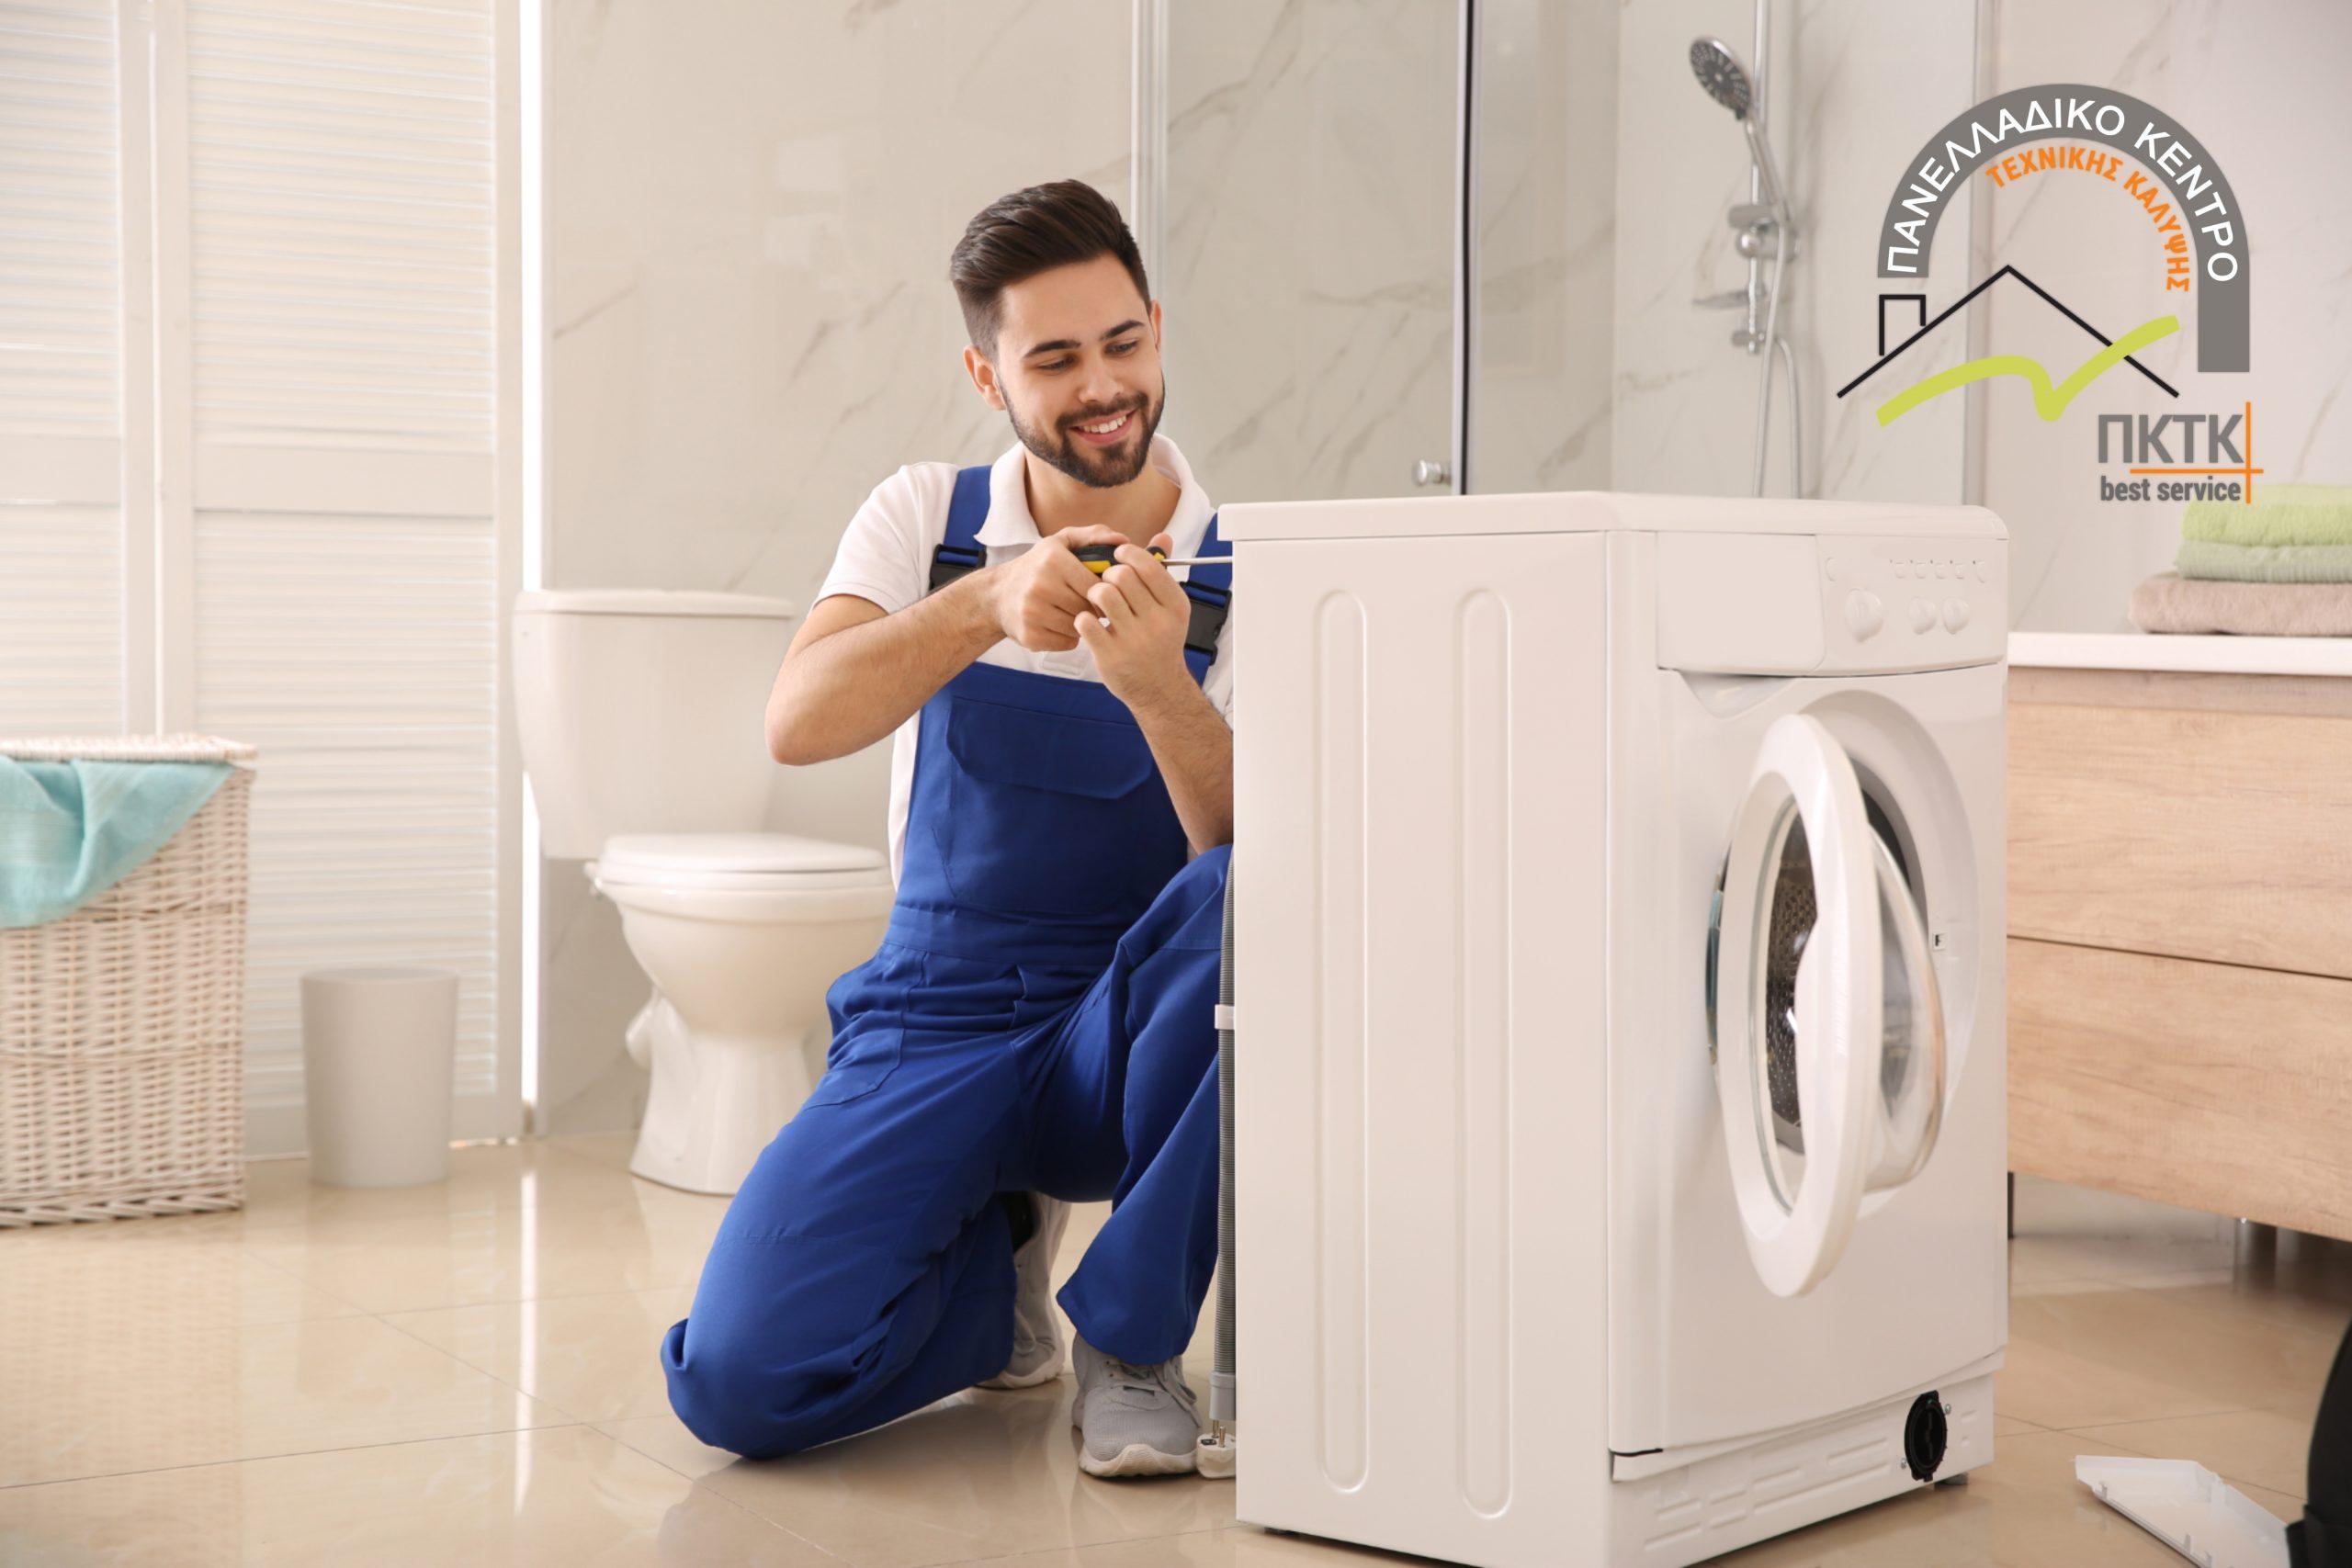 έπισκευή πλυντηρίου ρούχων